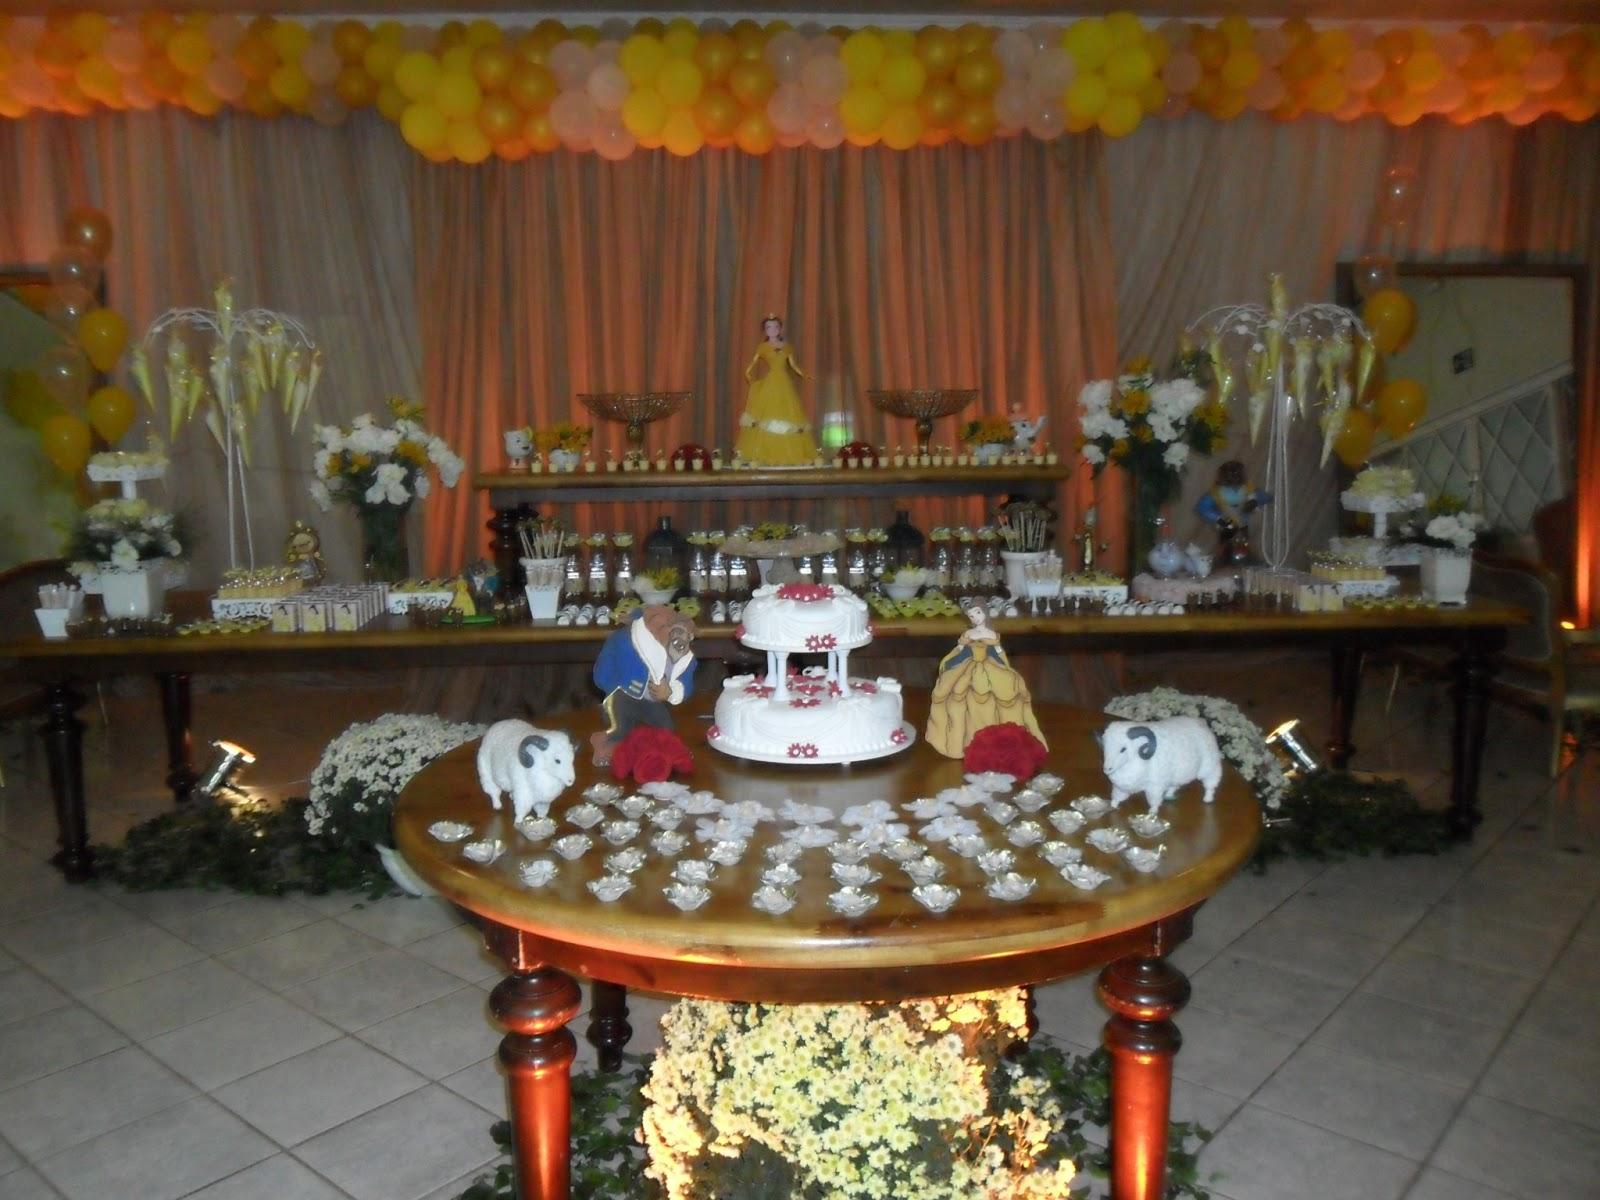 #B44017 Decoração Bela e a Fera Especial Raul & Ricardo Festas 1600x1200 px Bela Decoração Da Cozinha_403 Imagens